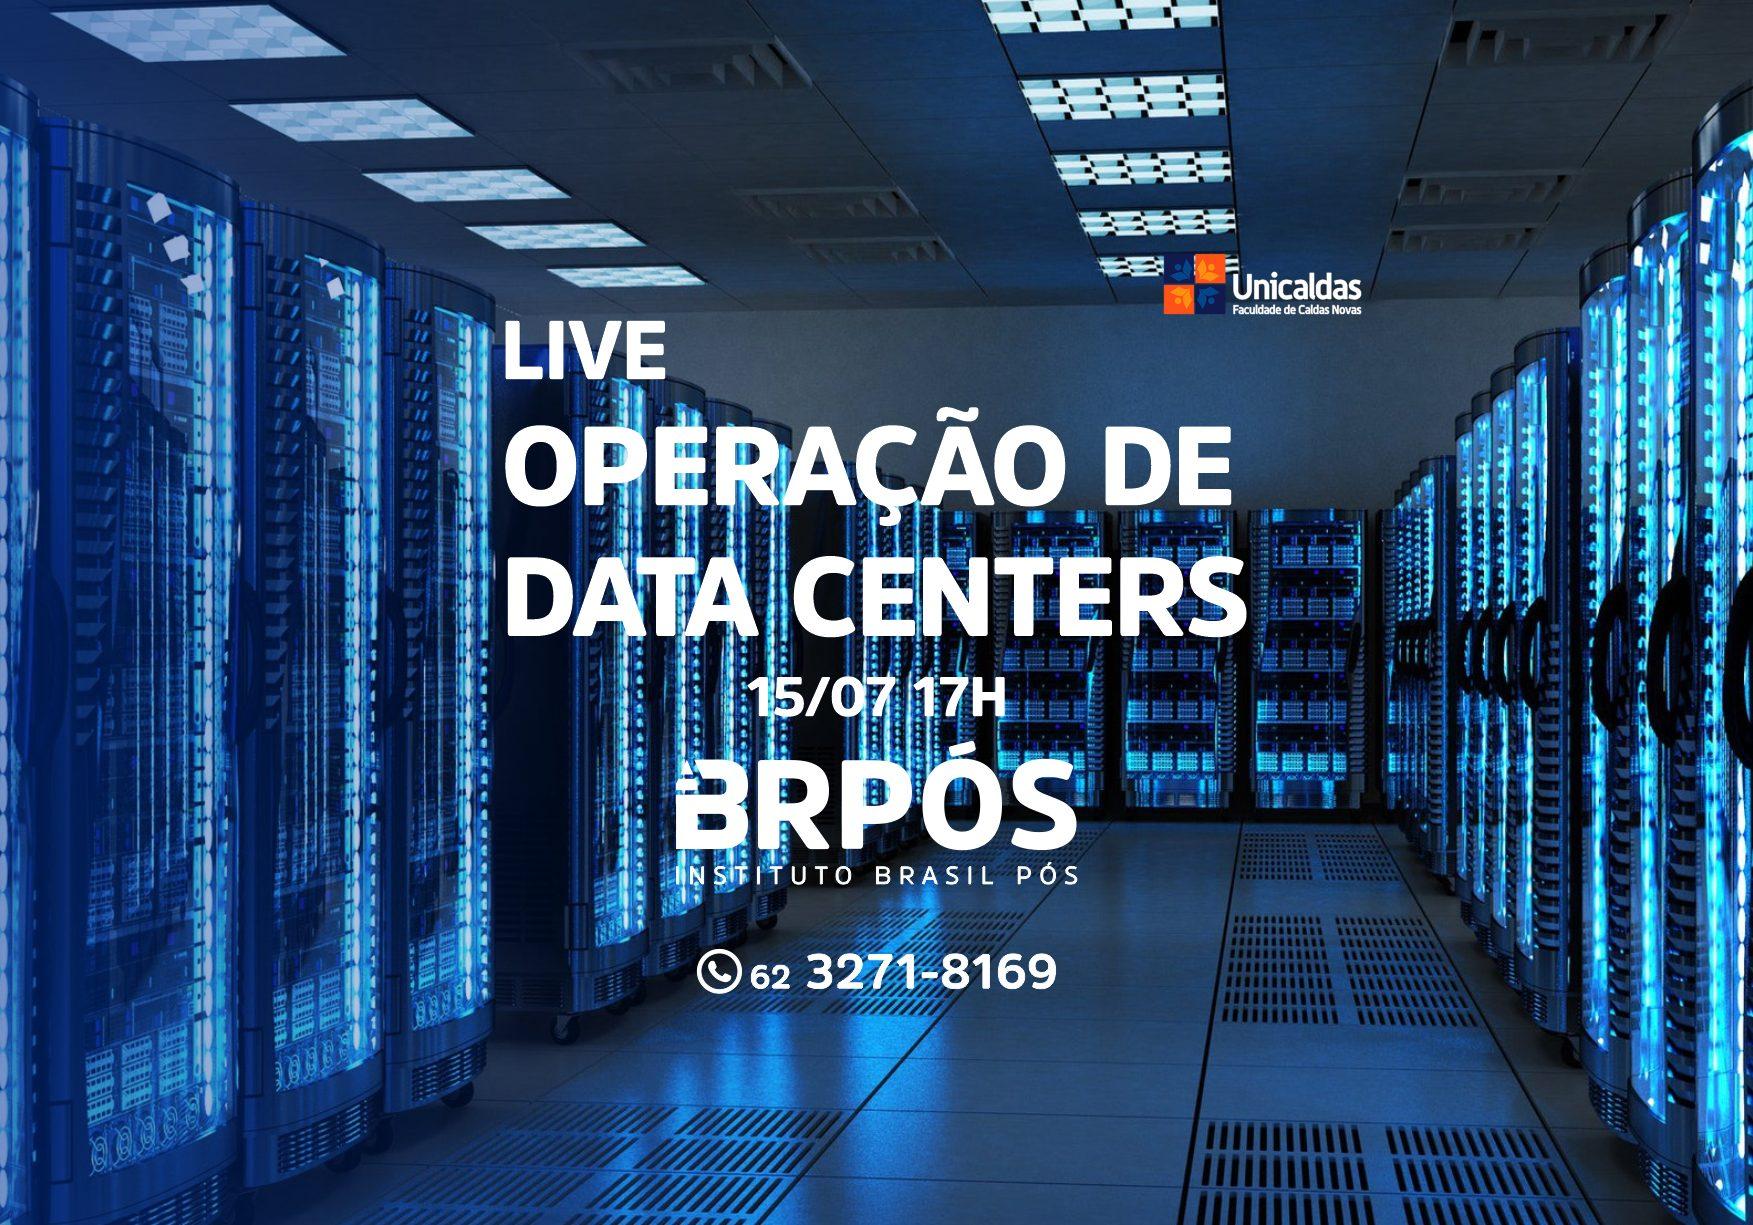 Operacao Data Center Brpos Brasilpos 1